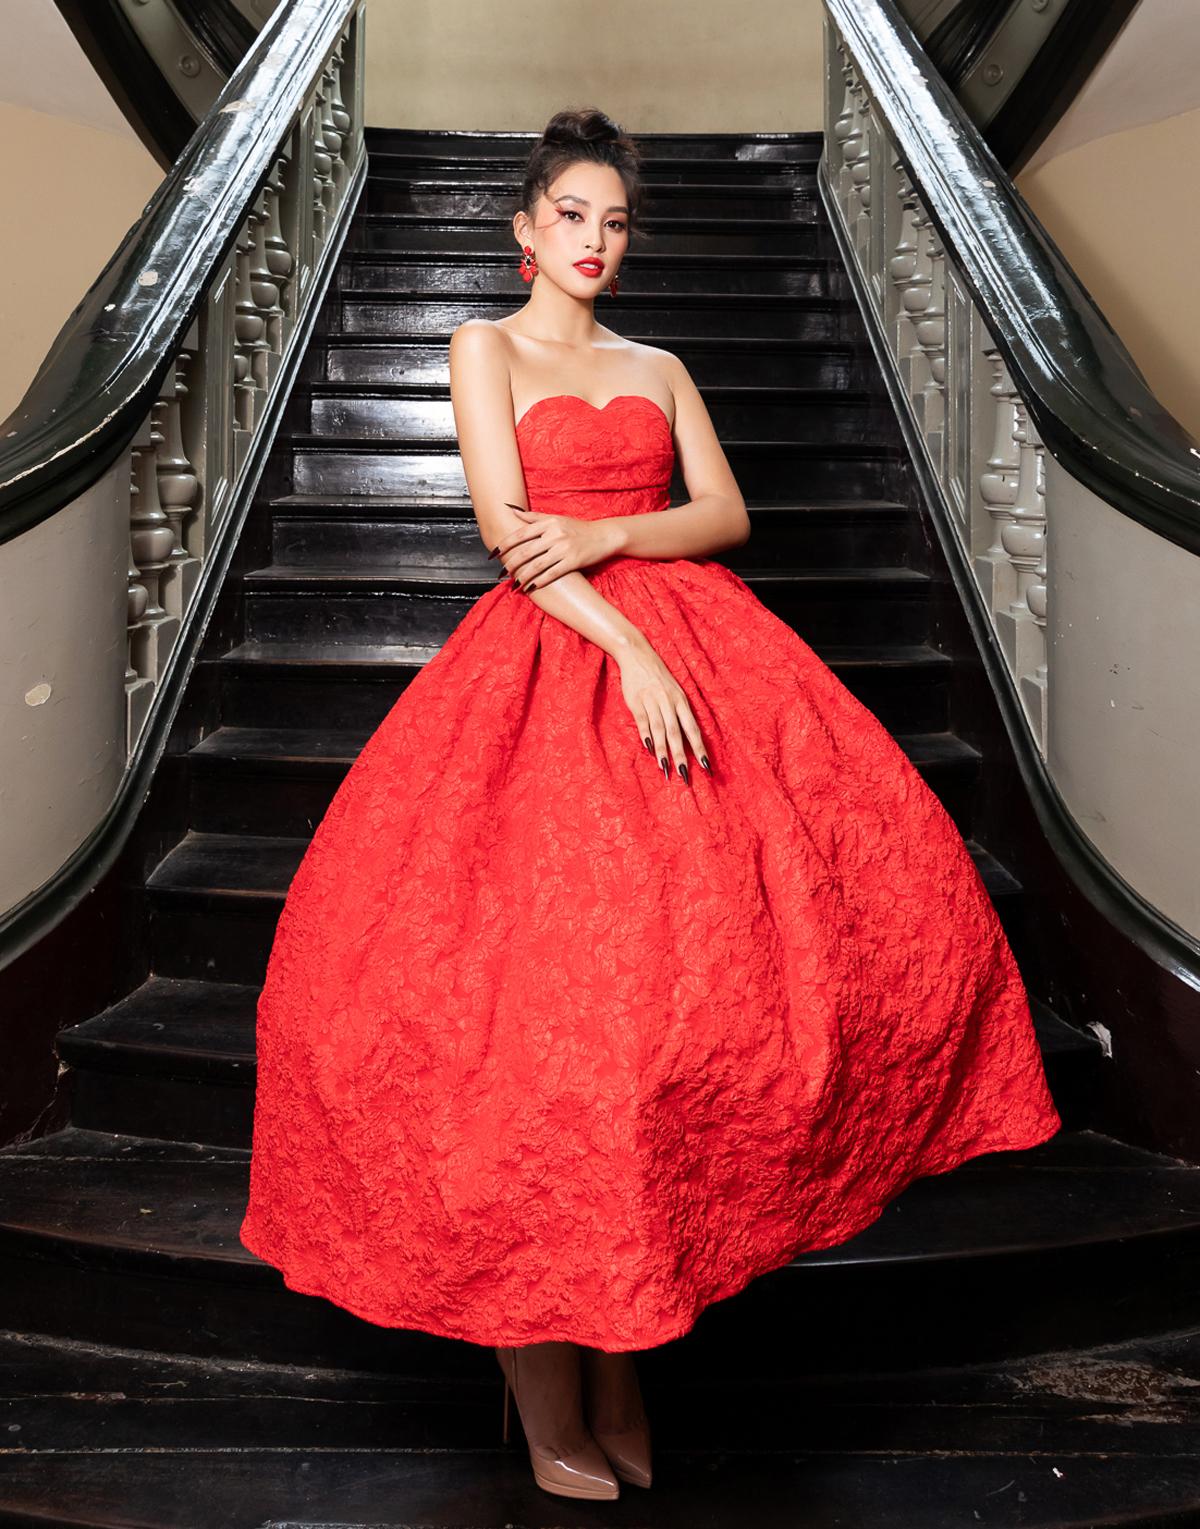 Hoa hậu Việt Nam 2018 diện bộ đầm xòe bồng theo phong cách cổ điển. Cô khéo chọn tông trang điểm, màu móng tông xuyệt tông với váy.